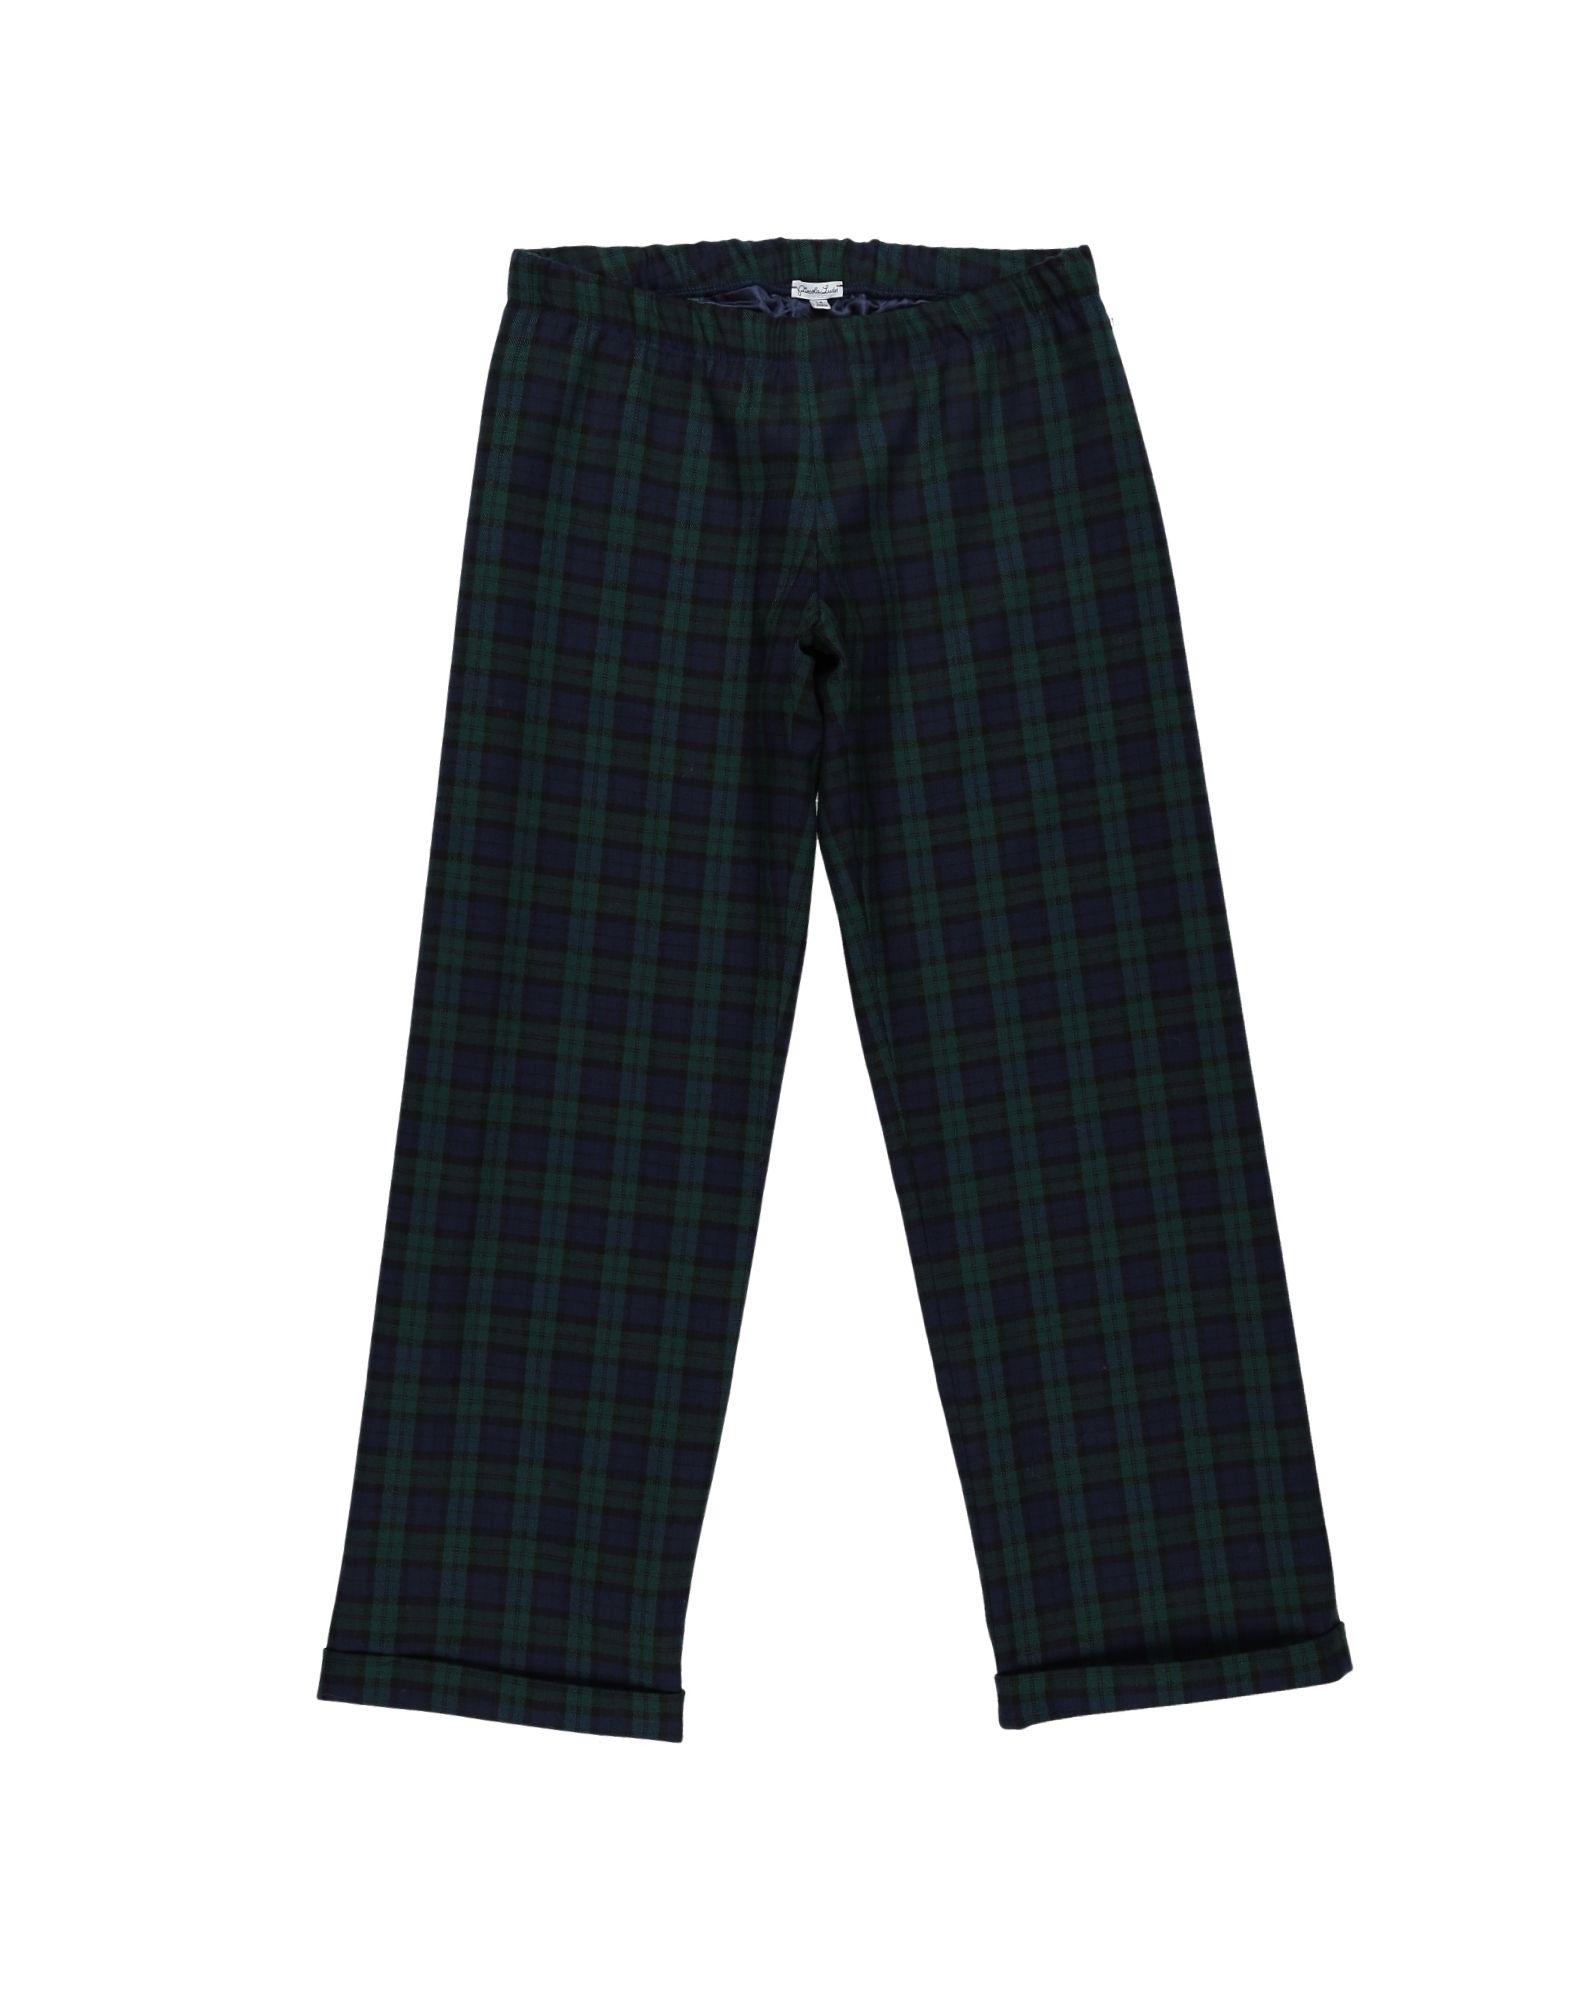 PICCOLA LUDO | PICCOLA LUDO Casual pants 13187061 | Goxip